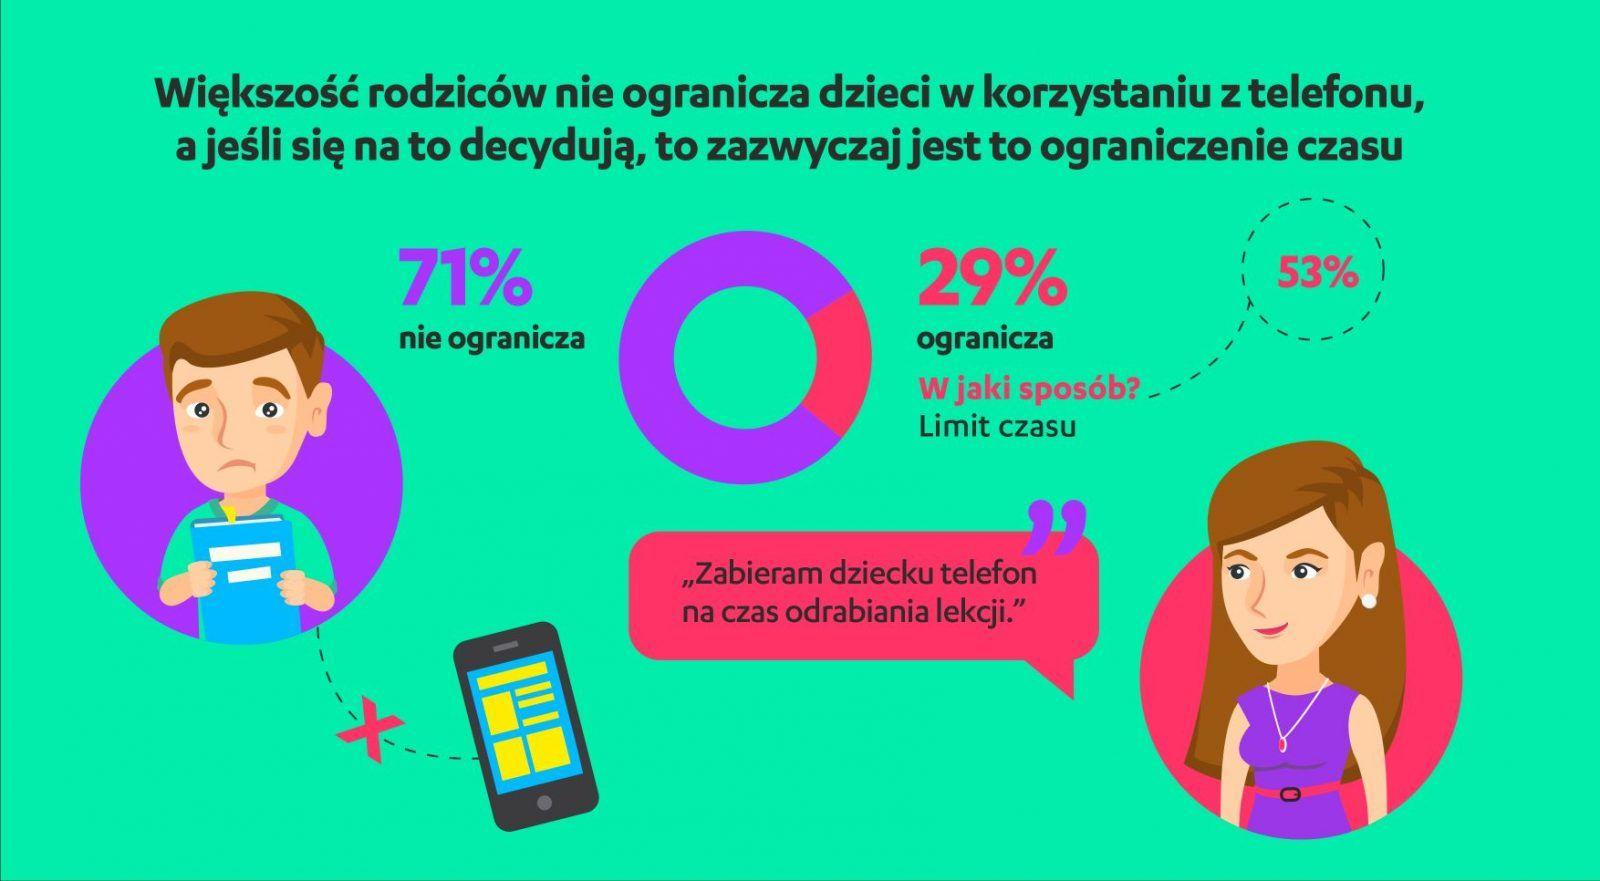 Polscy rodzice chcą lepiej dbać o bezpieczeństwo dzieci w internecie